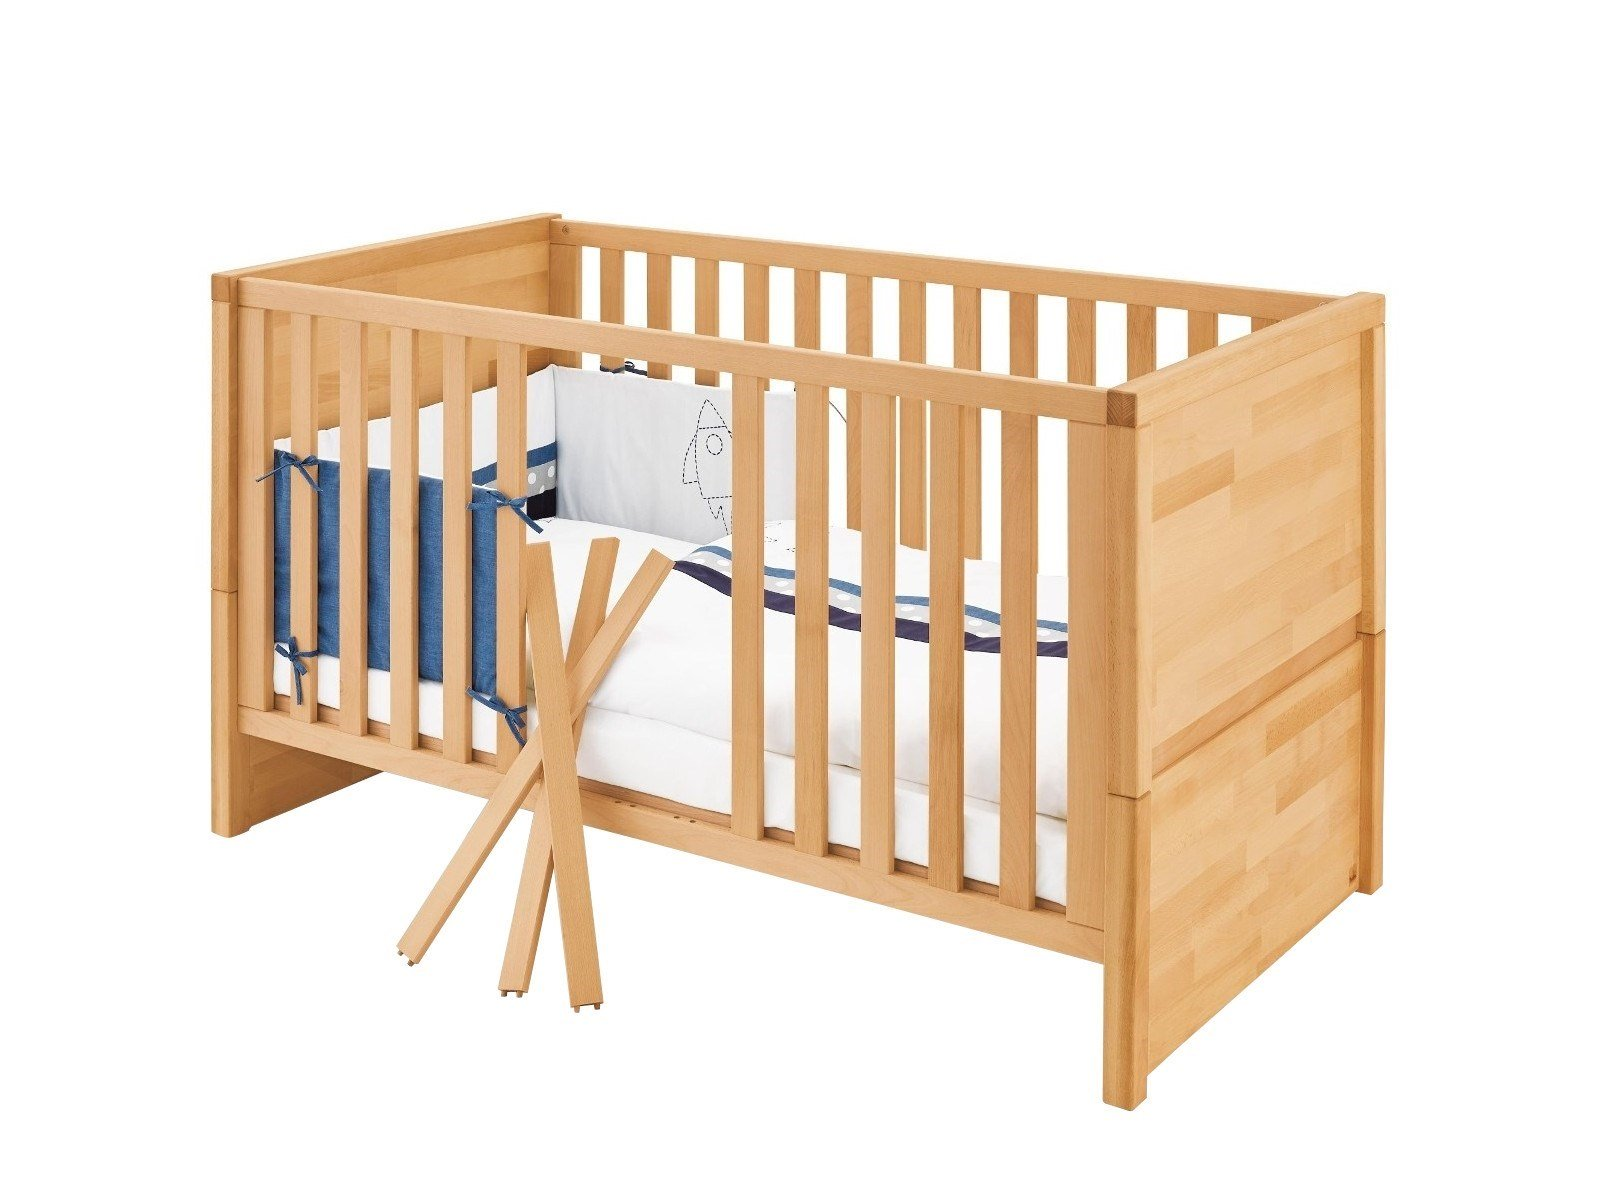 Full Size of Pinolino Kinderbett Fagus Bett 220 X 200 Stauraum 200x200 Weiß Betten Aus Holz Metall Billige Bette Badewannen Skandinavisch 180x200 Schwarz Jugend Coole Bett Pinolino Bett